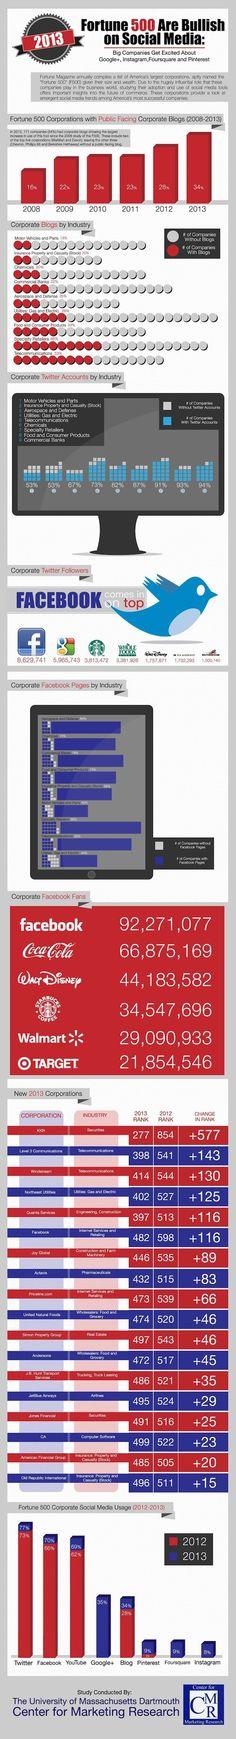 Prognozy #socialmedia za rok 2013 - #infografika